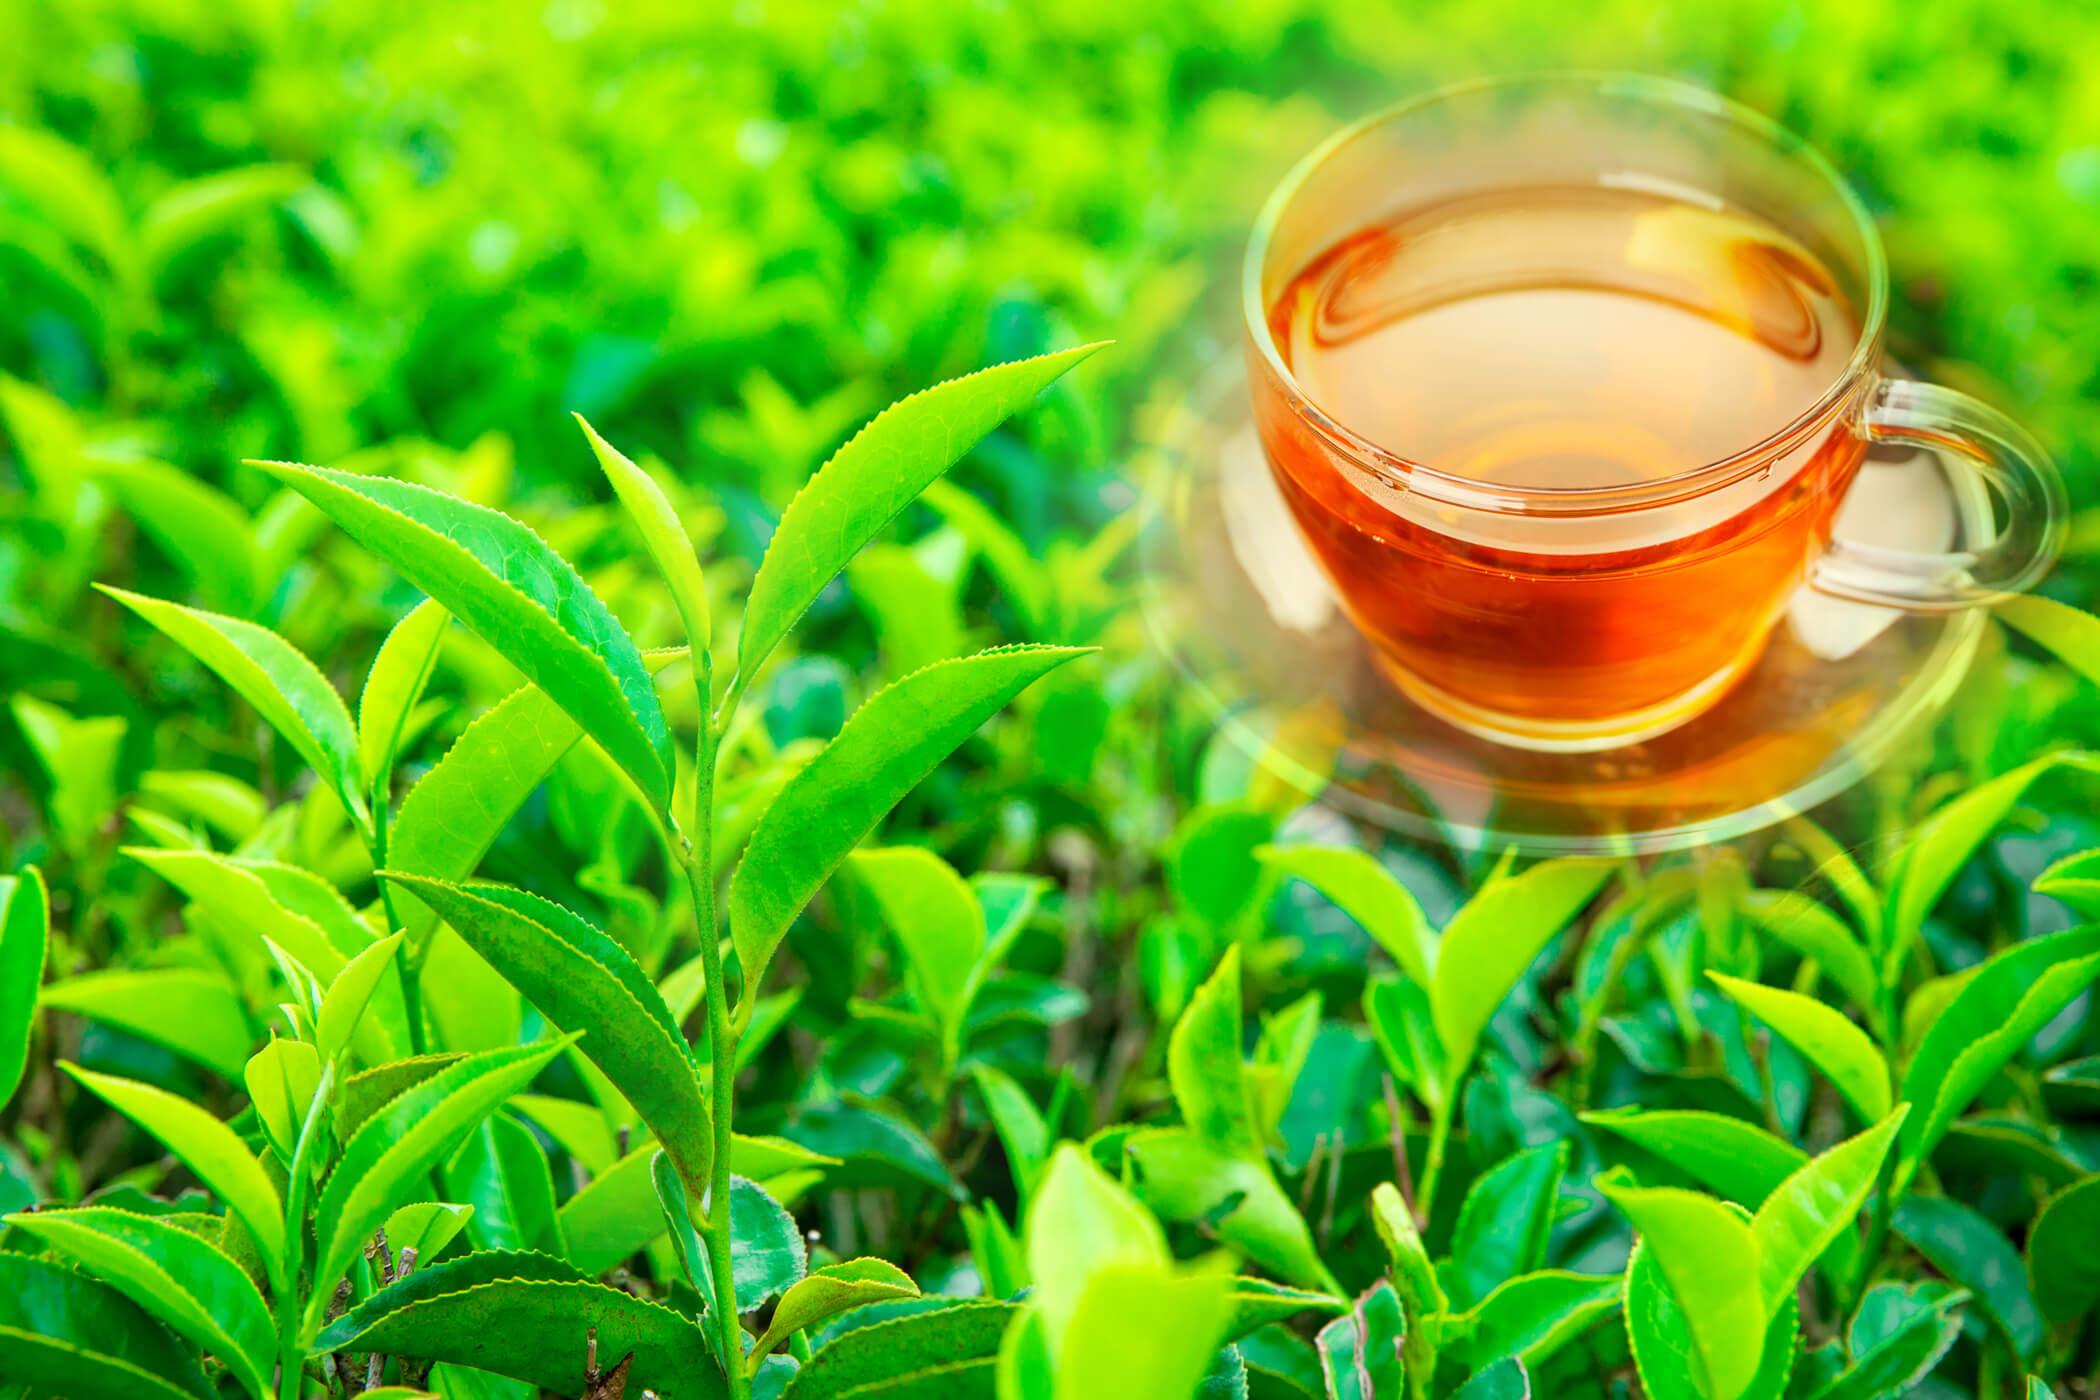 Top 10 Best Green Tea Brands in 2020